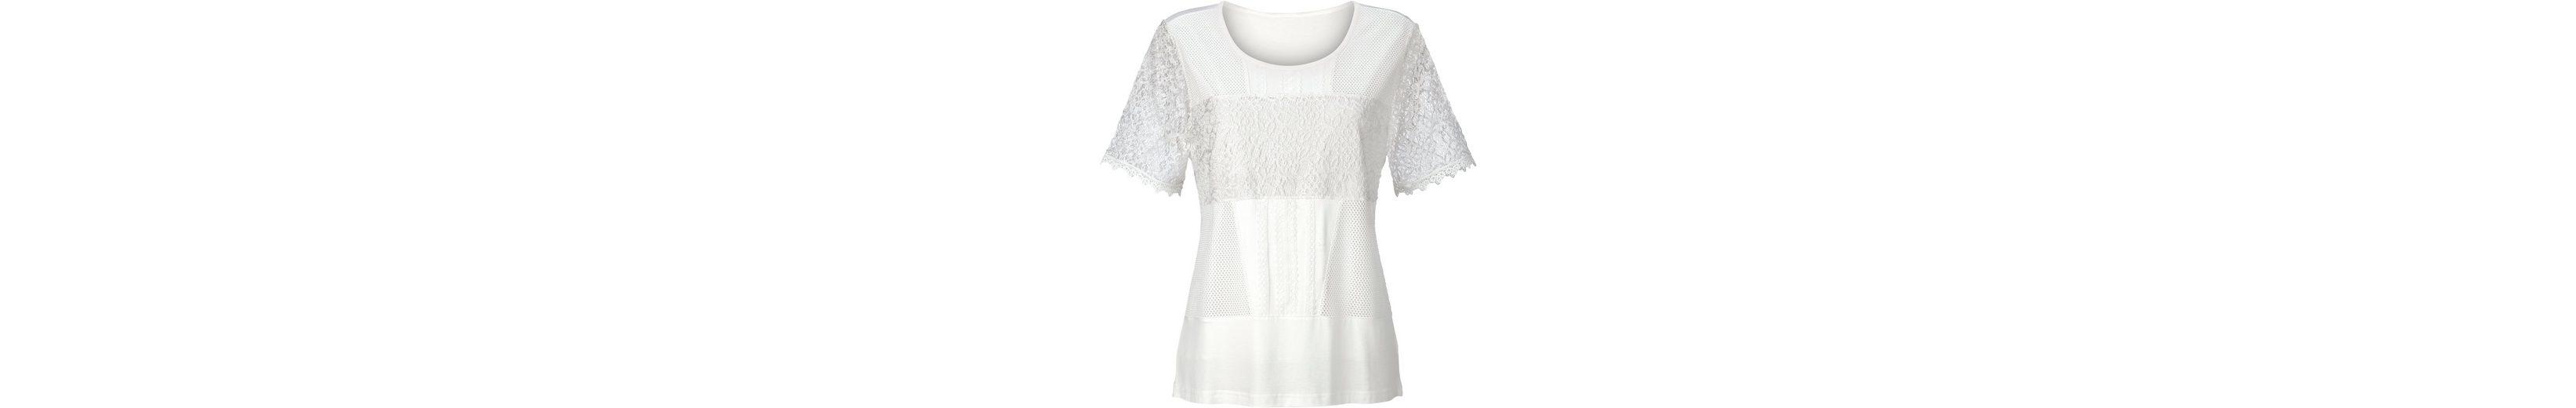 Lady Shirt vorne aus mehreren Spitzenarten gemacht 2018 Neue Online Günstiger Preis Vorbestellung Online Wie Vielen Verkauf Fälschen Zum Verkauf Günstig Versandkosten yrCzpvFZDK